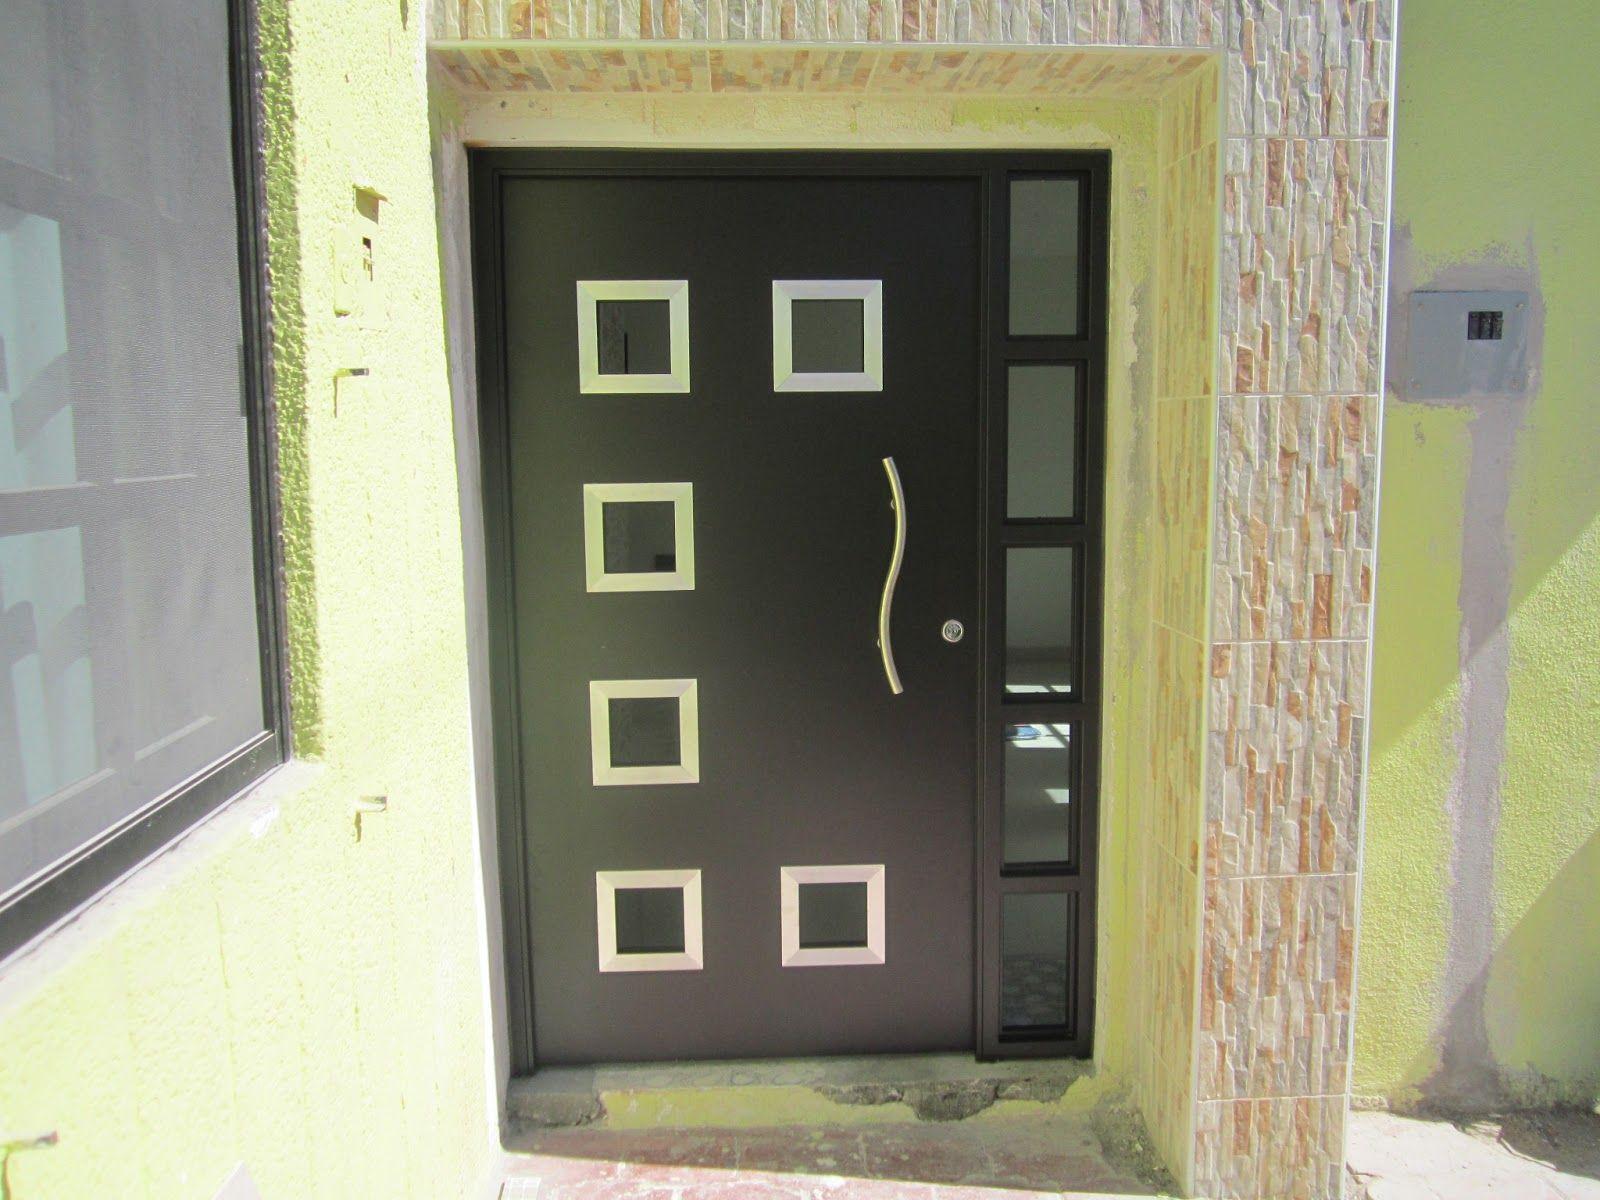 Puertas de herreria minimalistas buscar con google for Puertas de metal con diseno